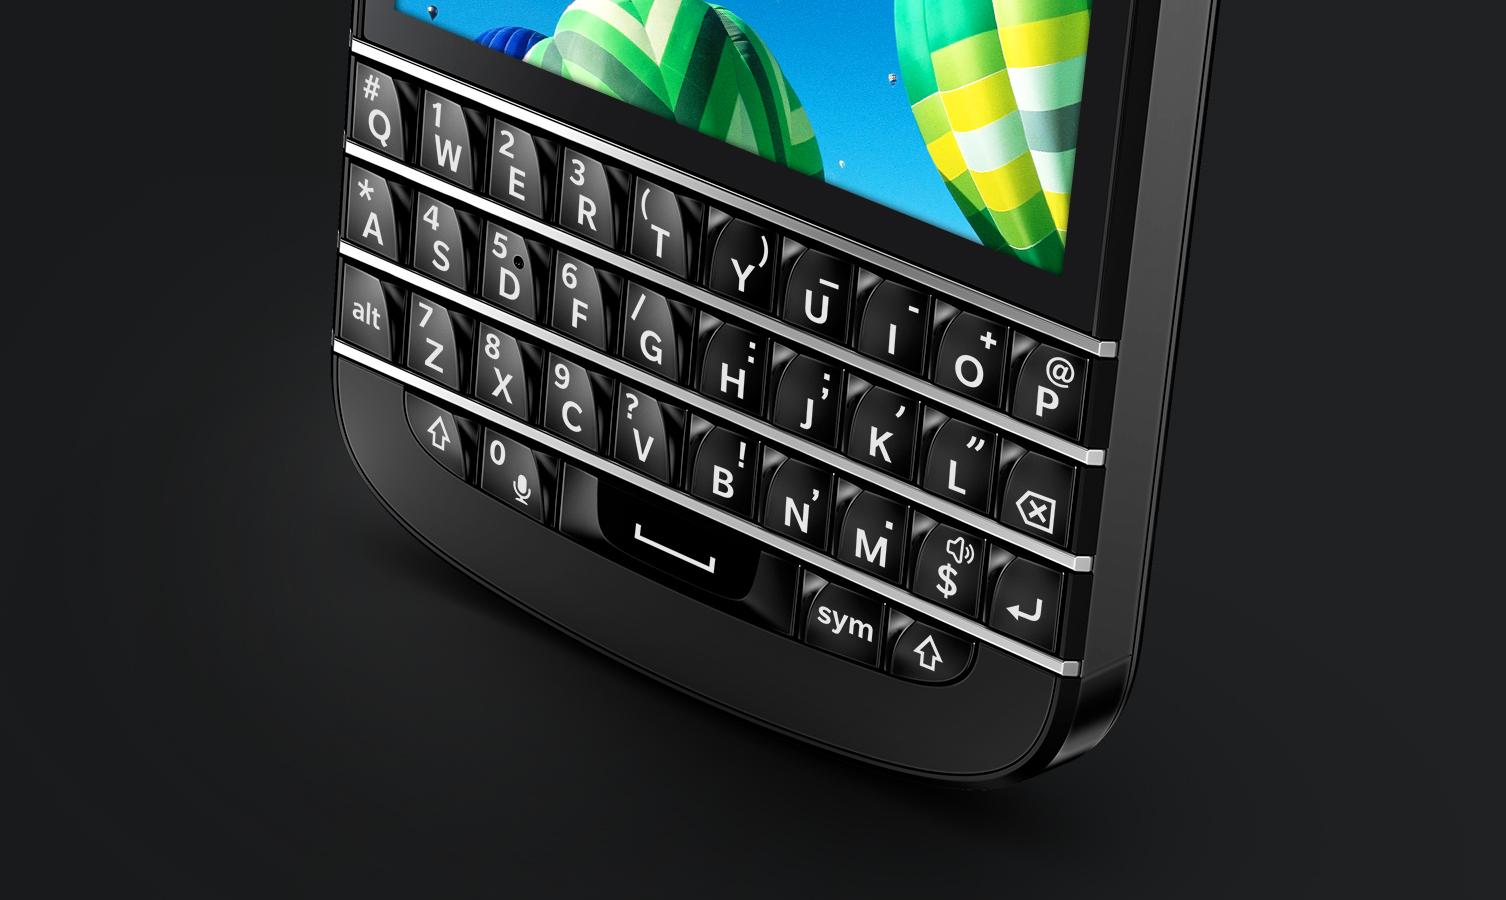 Dostałeś pod choinkę smartfon z BlackBerry 10? Oto aplikacje, które musisz zainstalować